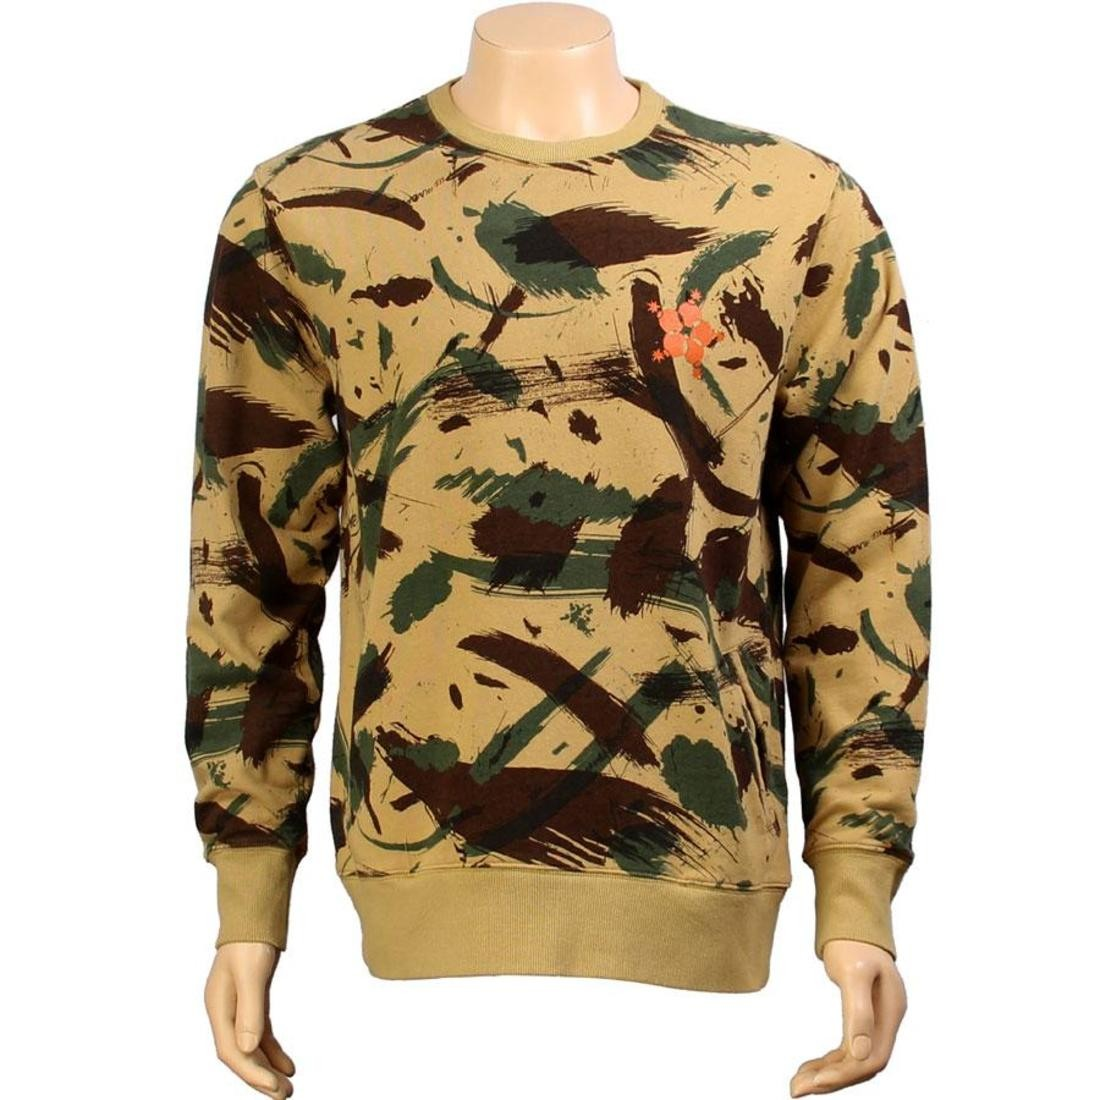 メンズファッション トップス Tシャツ カットソー メンズ 【 The Hundreds Mammoth Crewneck (camo) 】 Camo